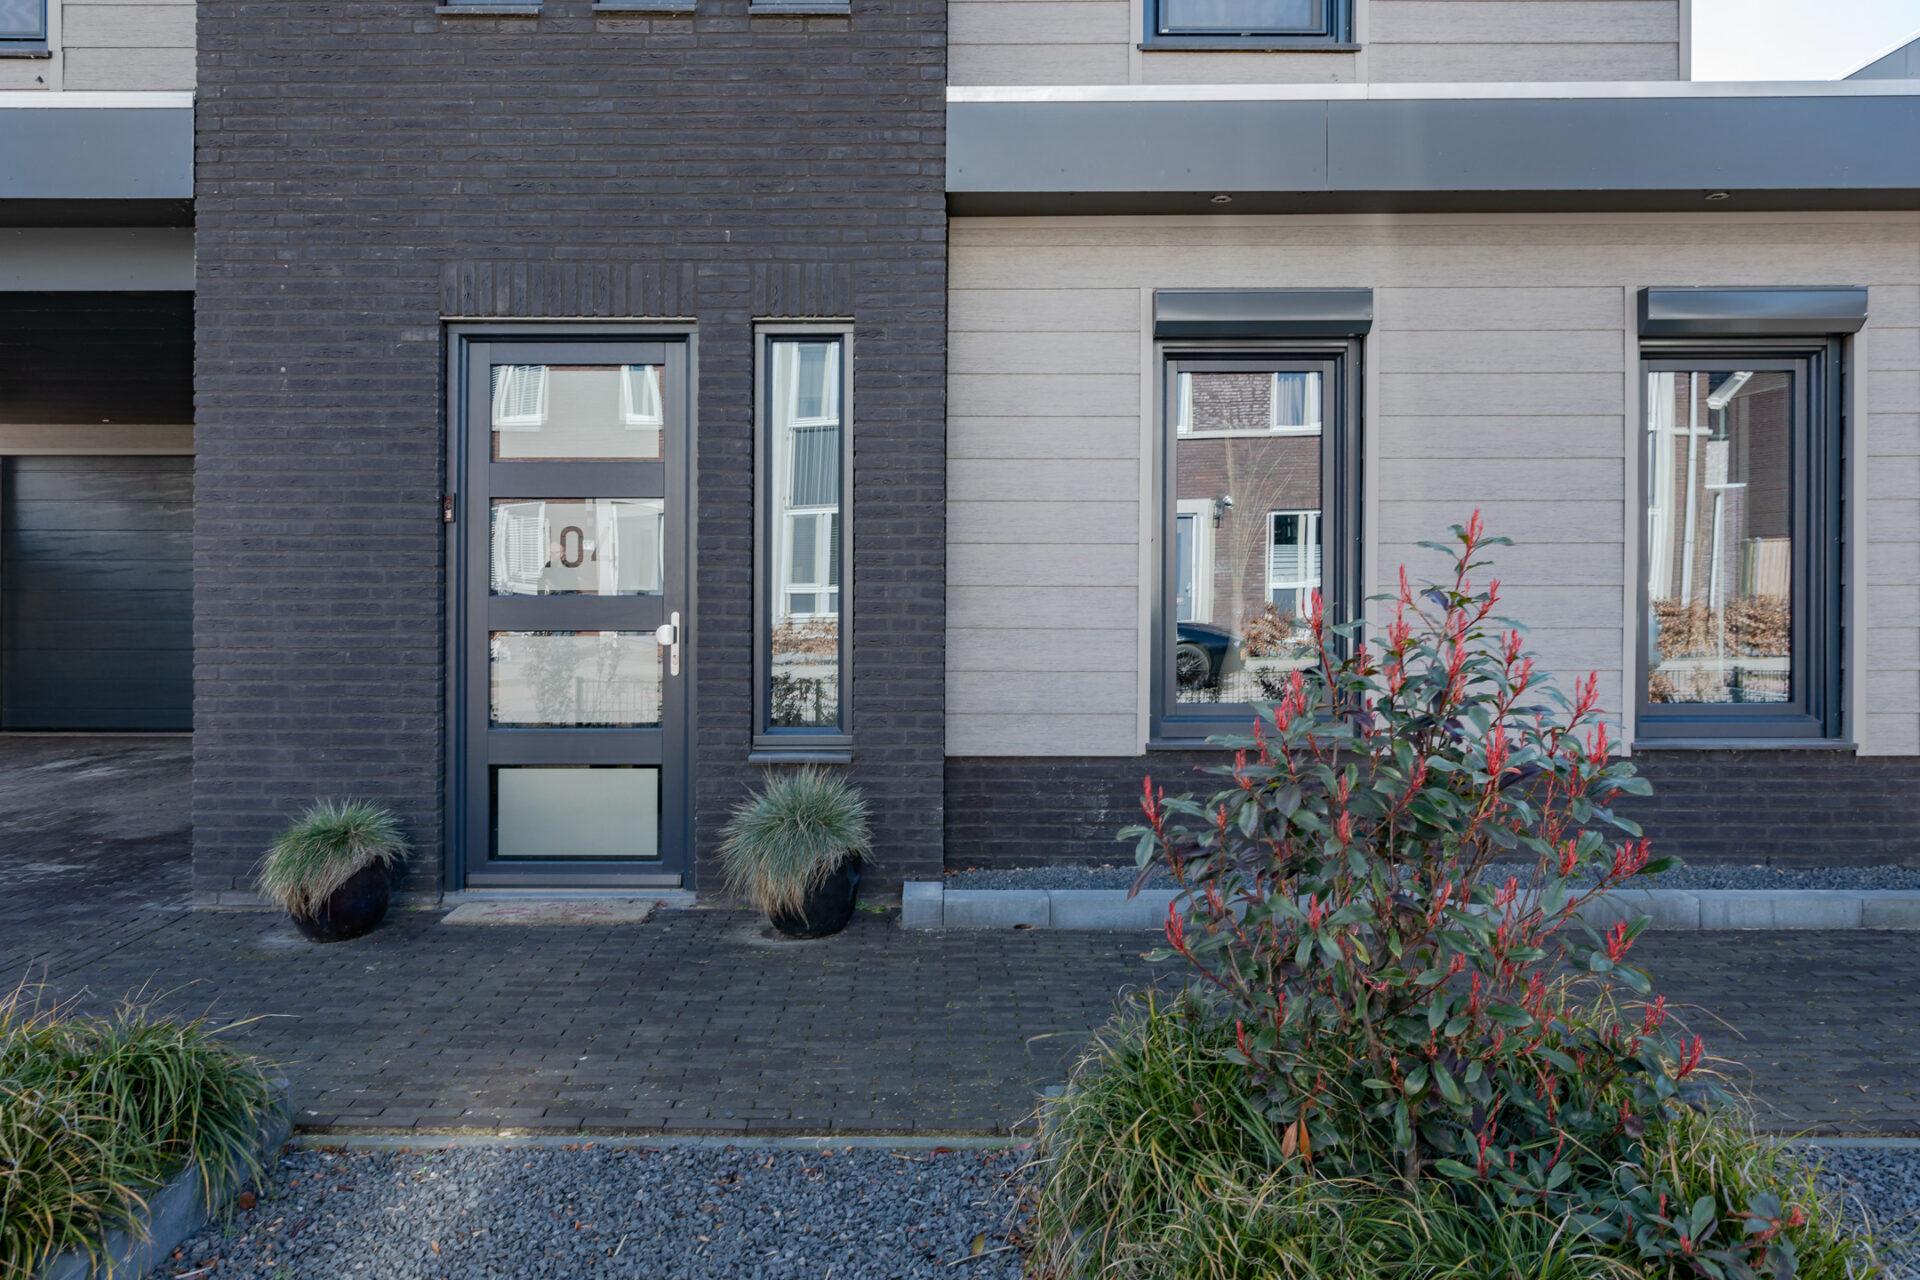 Select Windows Kunststof Kozijnen - referentie - kunststof kozijnen in Druten - kunststof voordeur buitenzijde